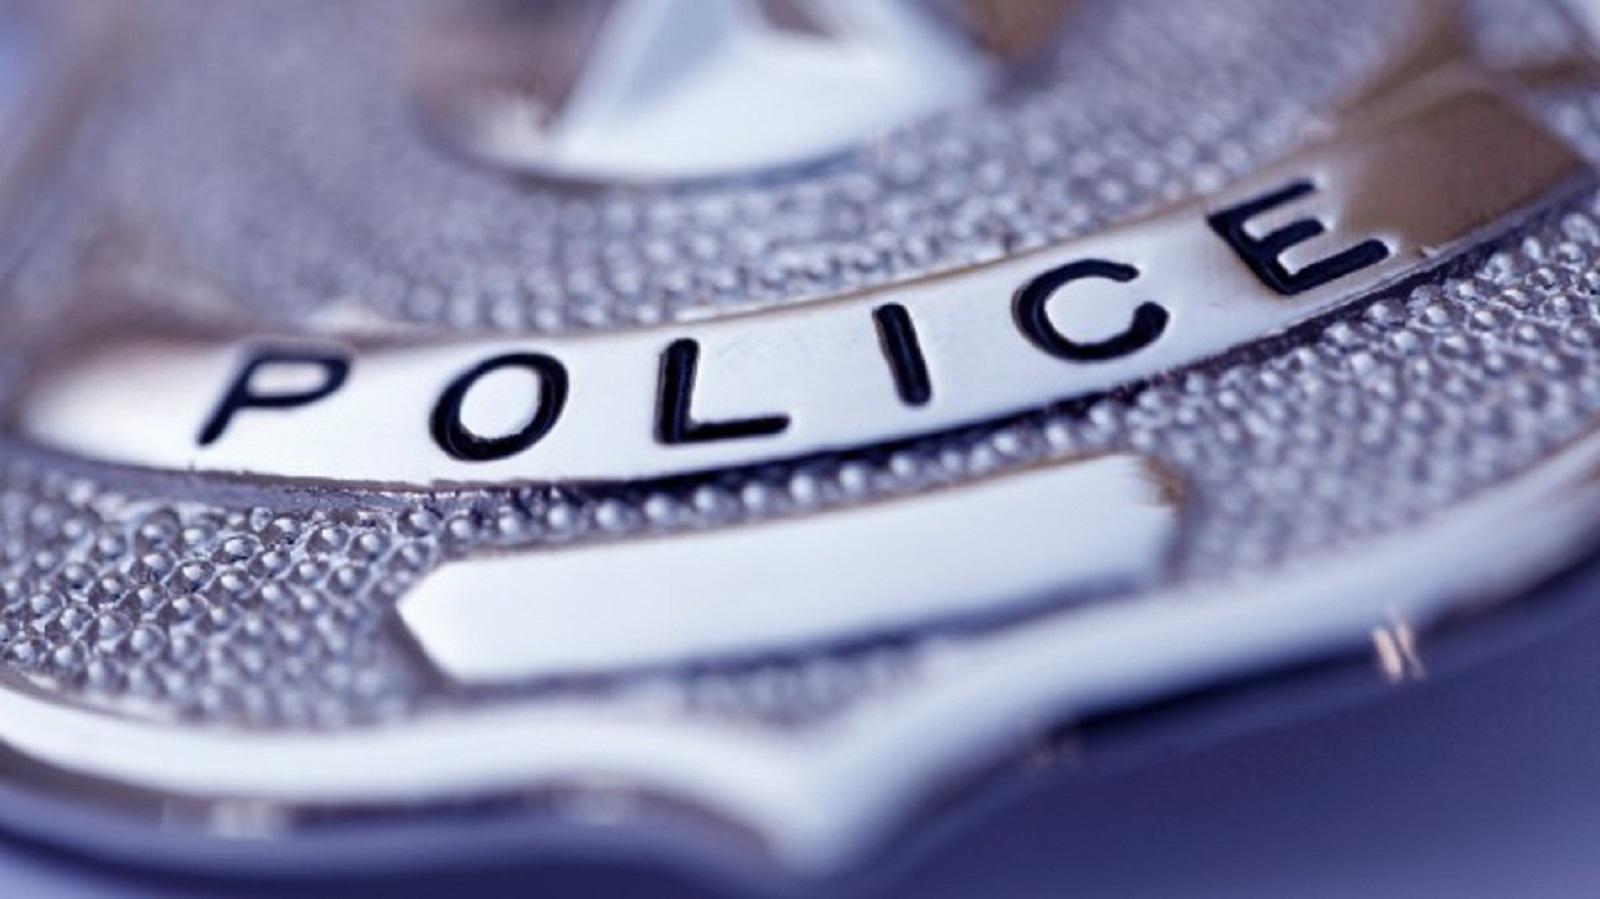 แอคเคาท์ตำรวจเจอดี...โดนแฮกเกอร์ขโมยขายตลาดมืด